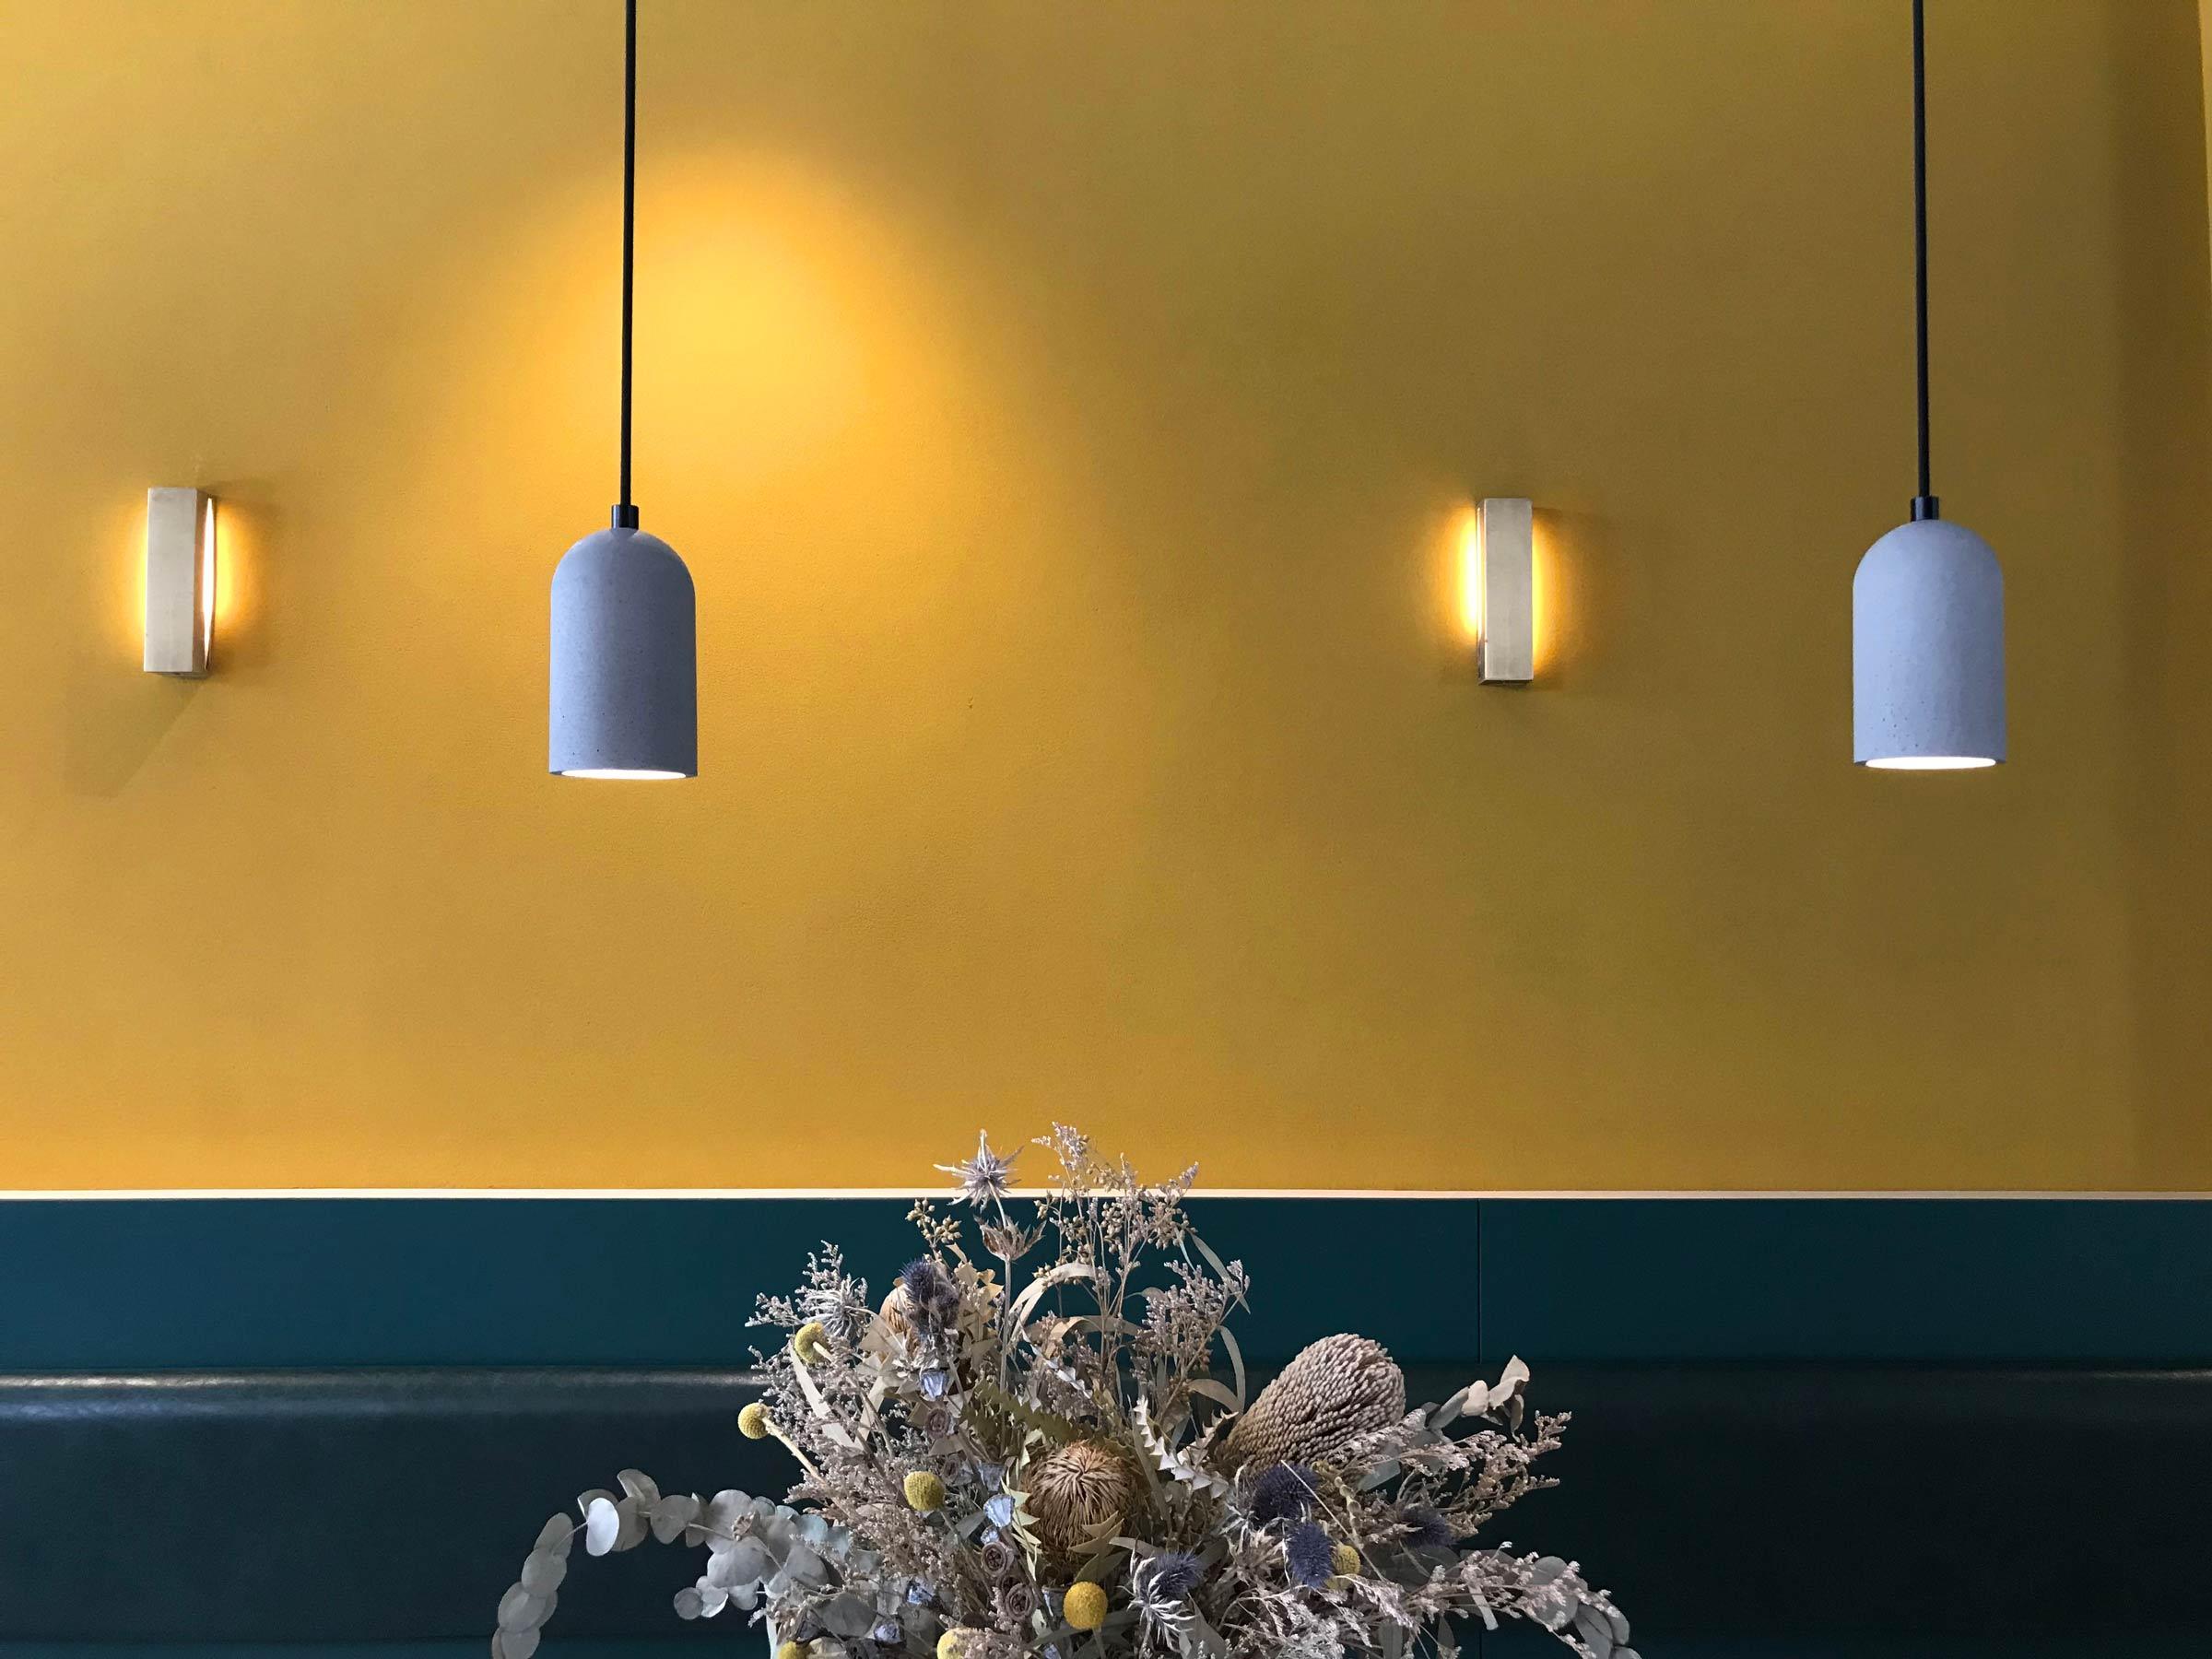 09-定制壁灯及色彩及配饰-Custom-made-wall-lamp-accessories-and-colors-4.jpg